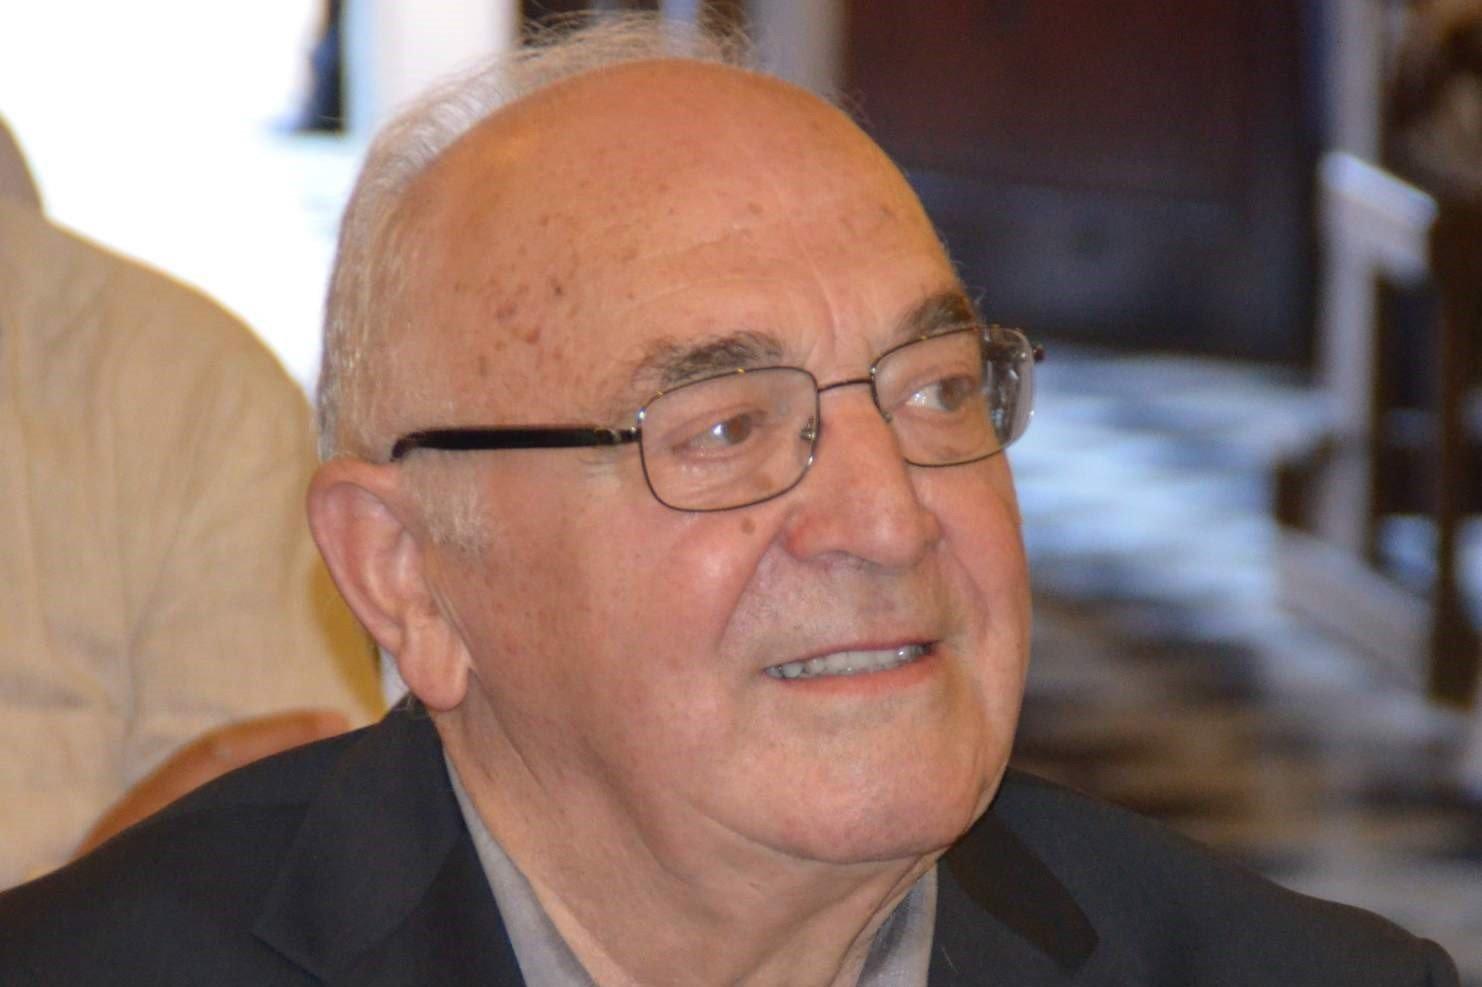 Cordoglio di Marchetti per la scomparsa di Monsignor Ghilarducci